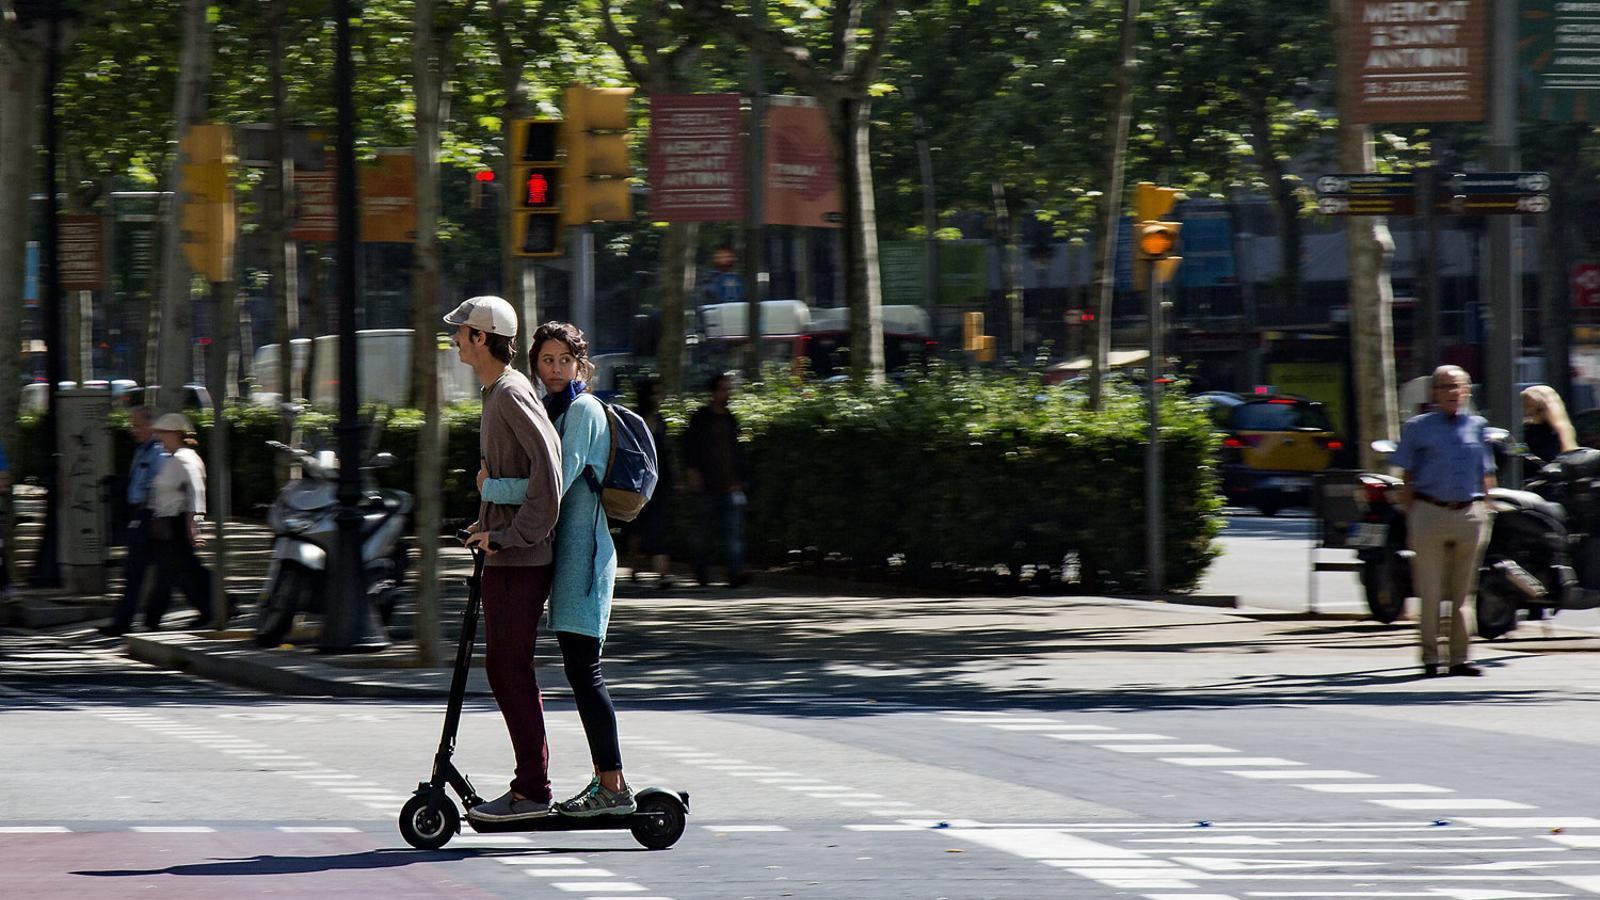 Barcelona augmentarà el control de la circulació de patinets elèctrics compartits a la ciutat